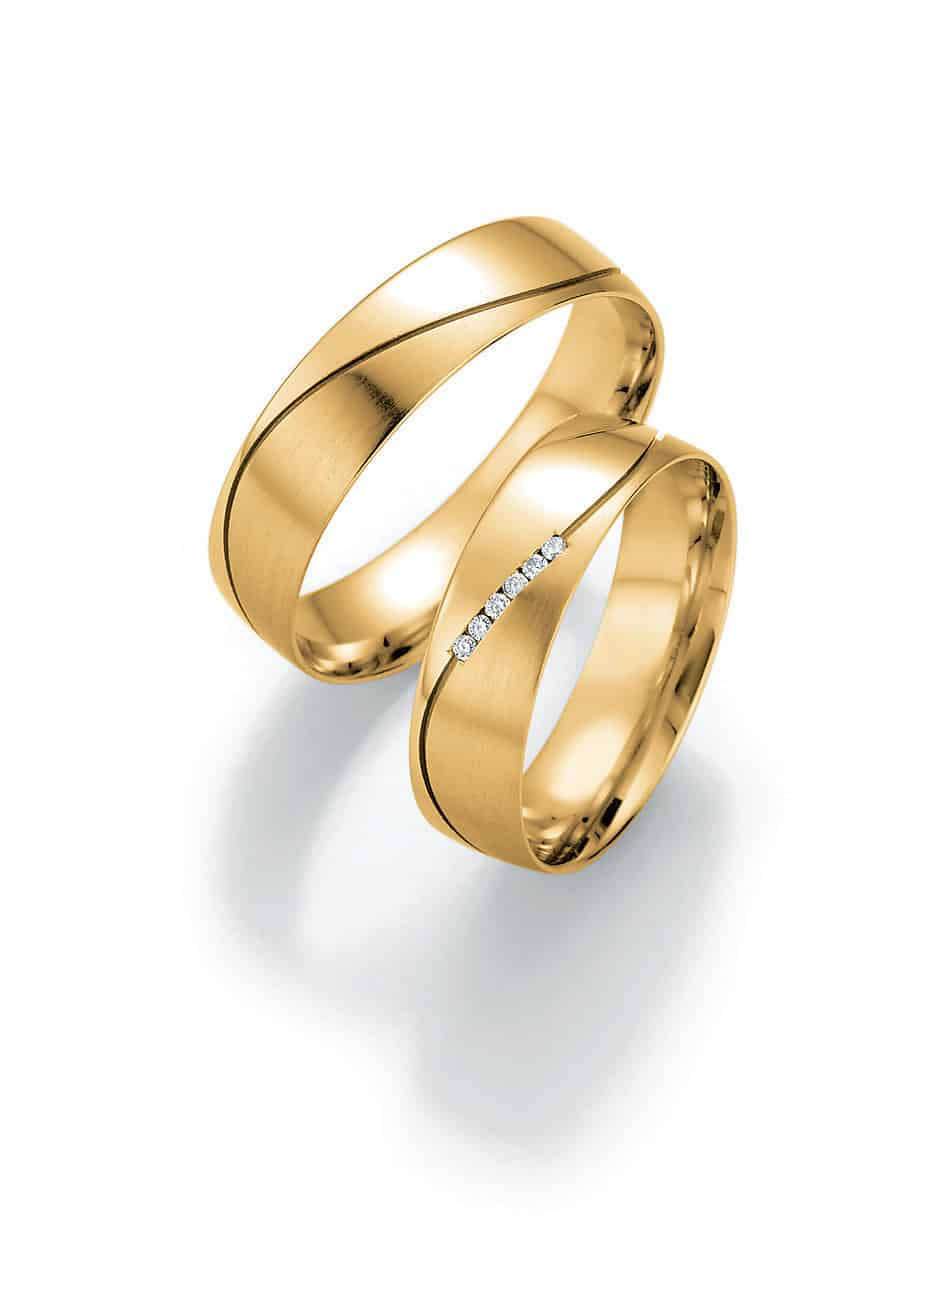 Ráj prstenů zlaté prsteny